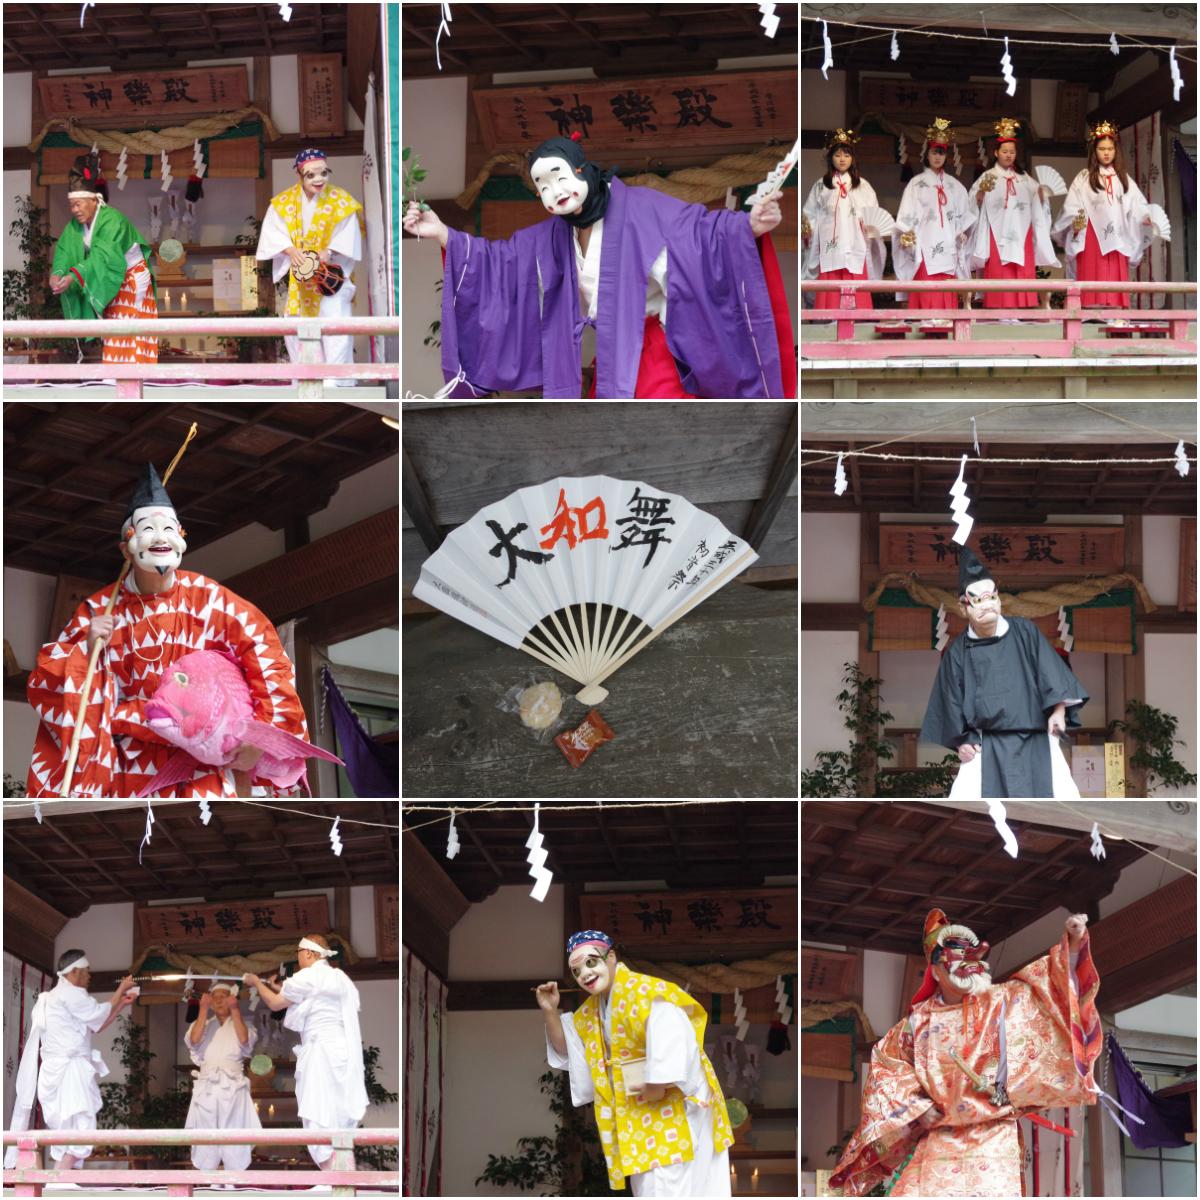 大國魂神社にて大和舞が奉納されました! [平成30年1月8日(月・祝)更新]トップ